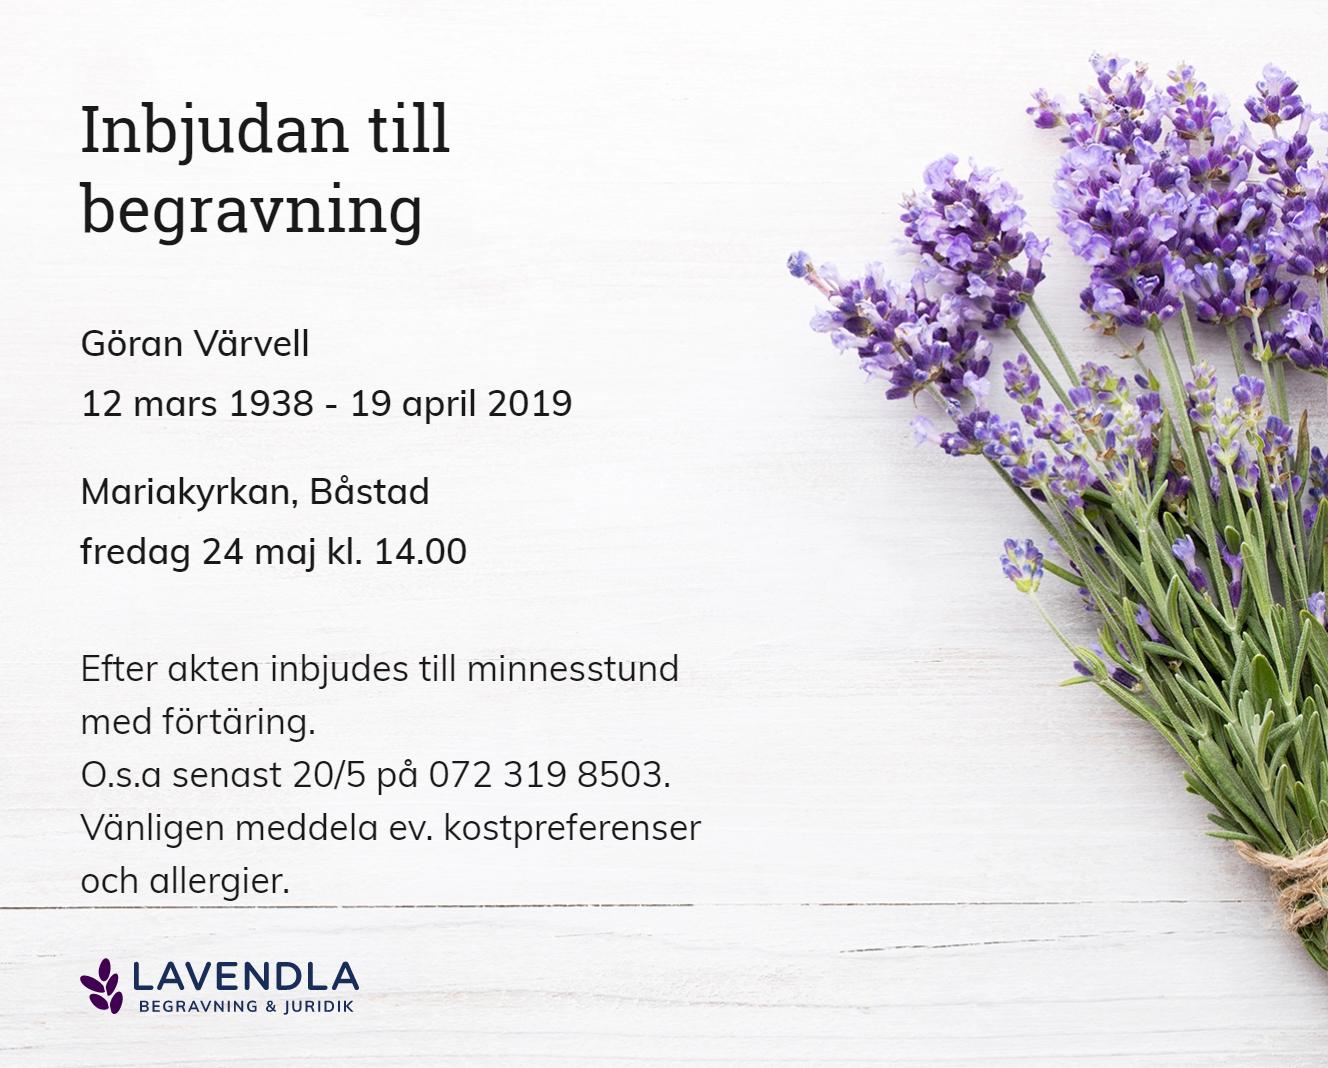 Inbjudningskort till ceremonin för Göran Värvell